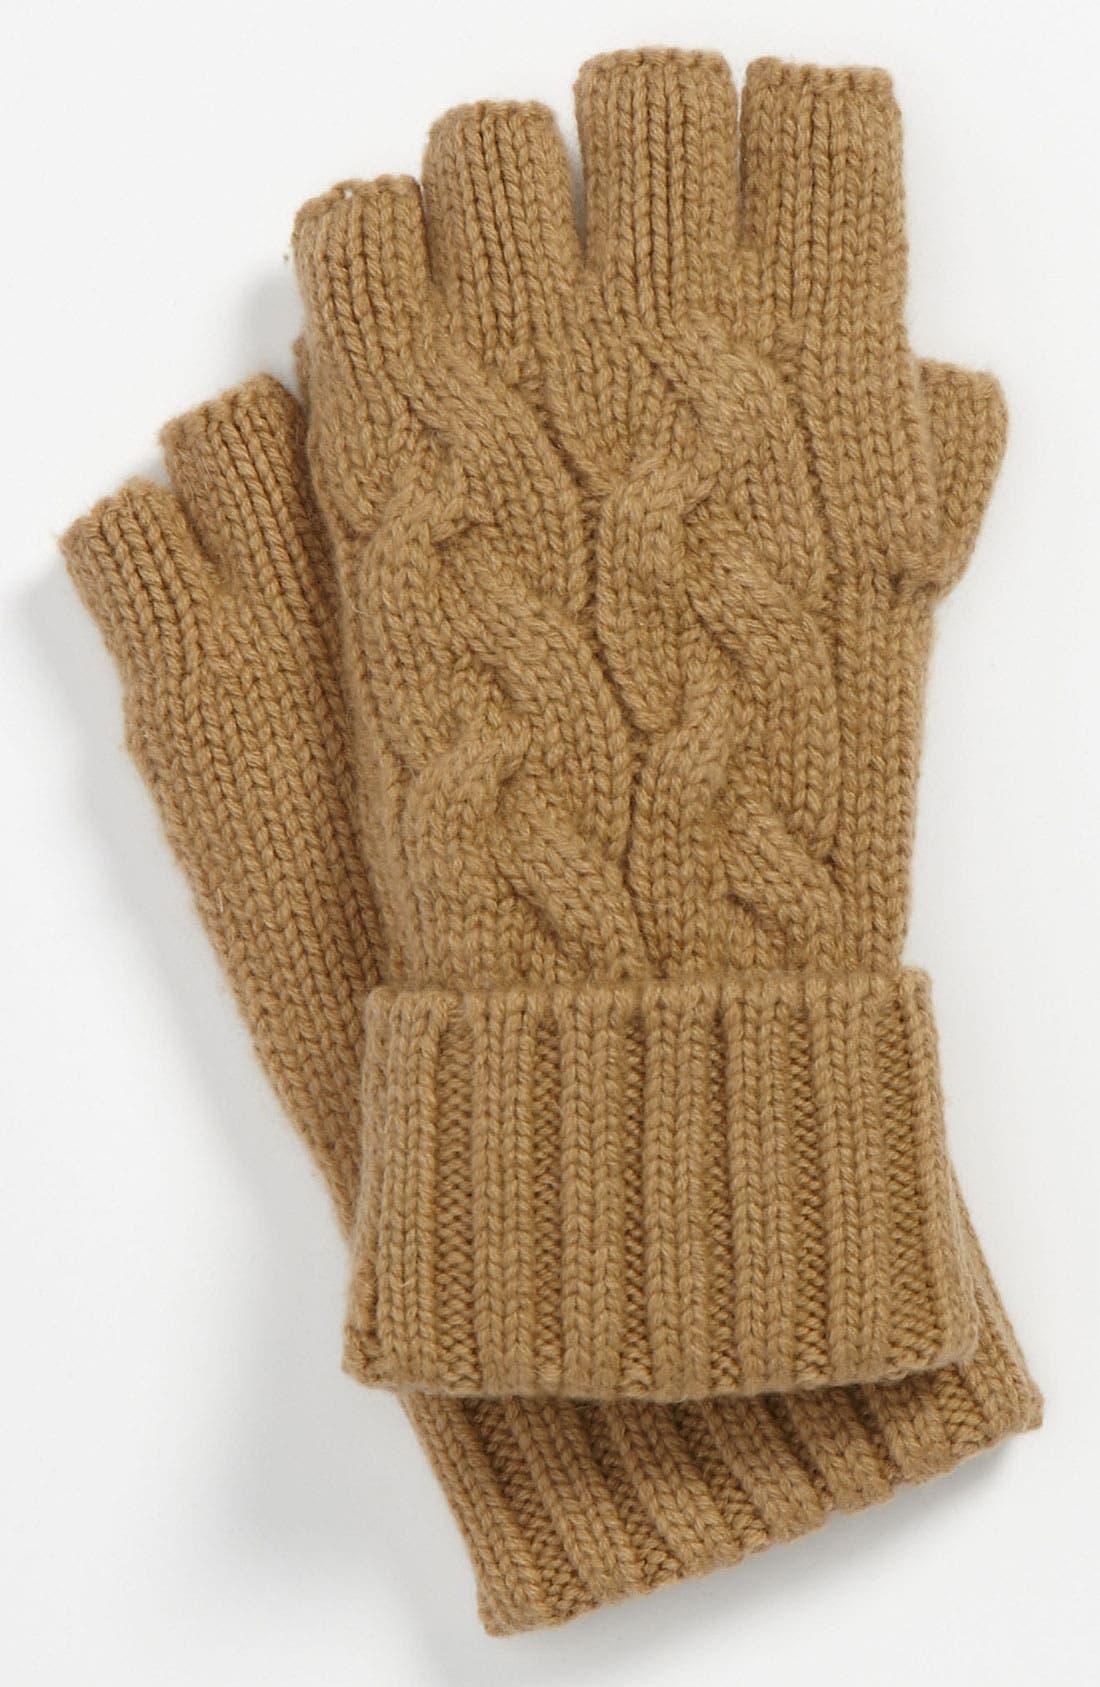 Alternate Image 1 Selected - Michael Kors Fingerless Gloves